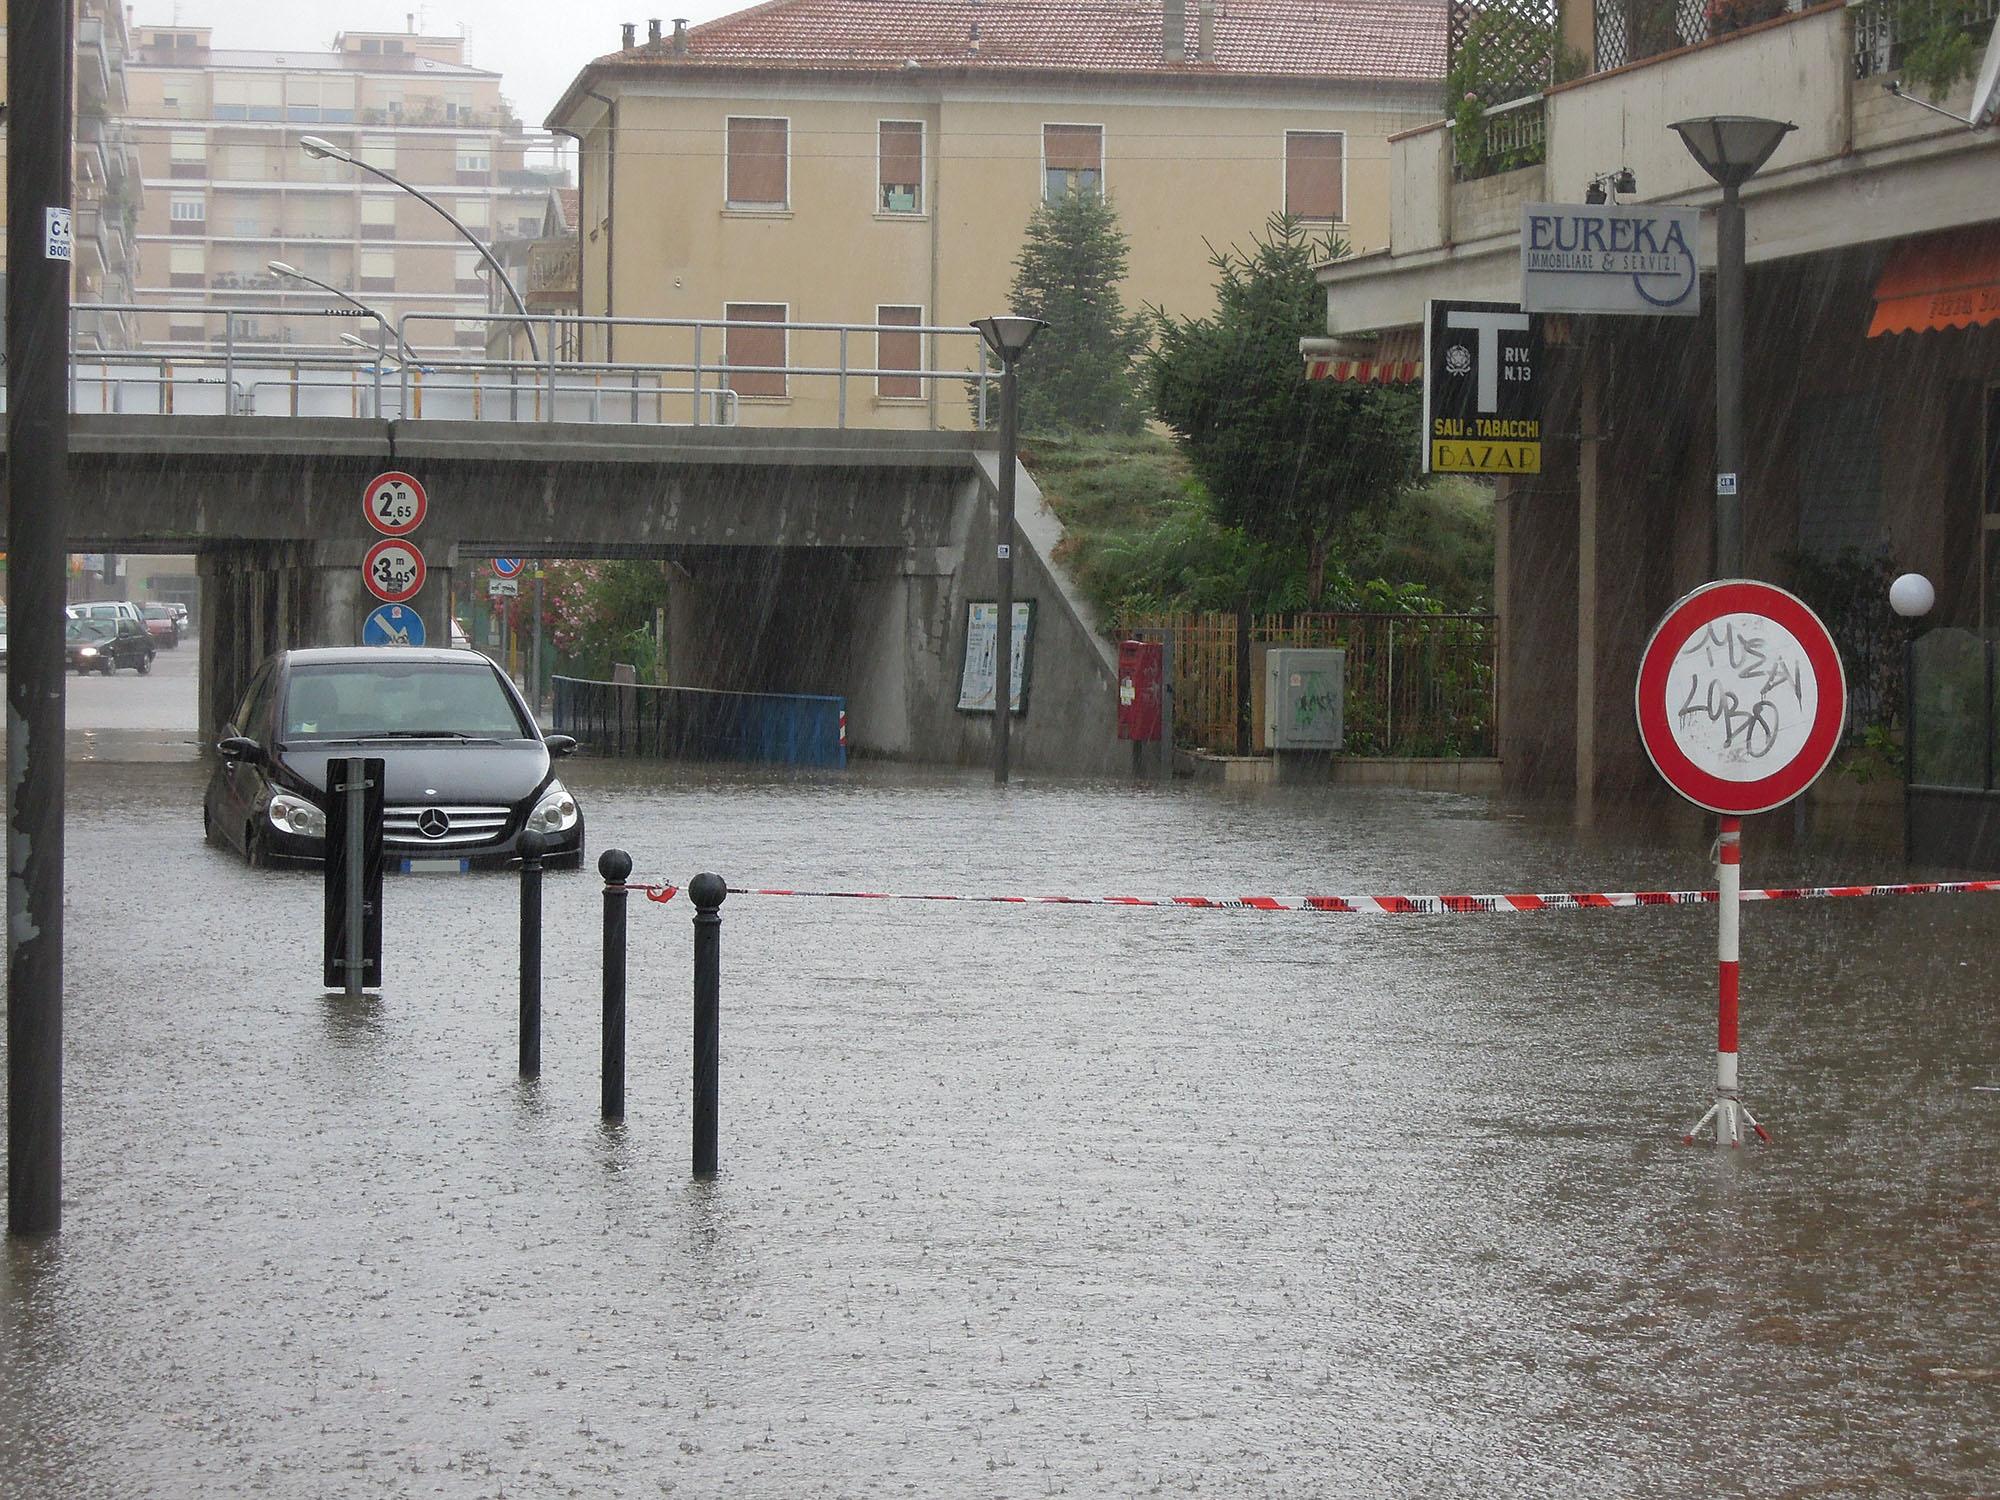 Luglio 2012, via Trento allagata 2